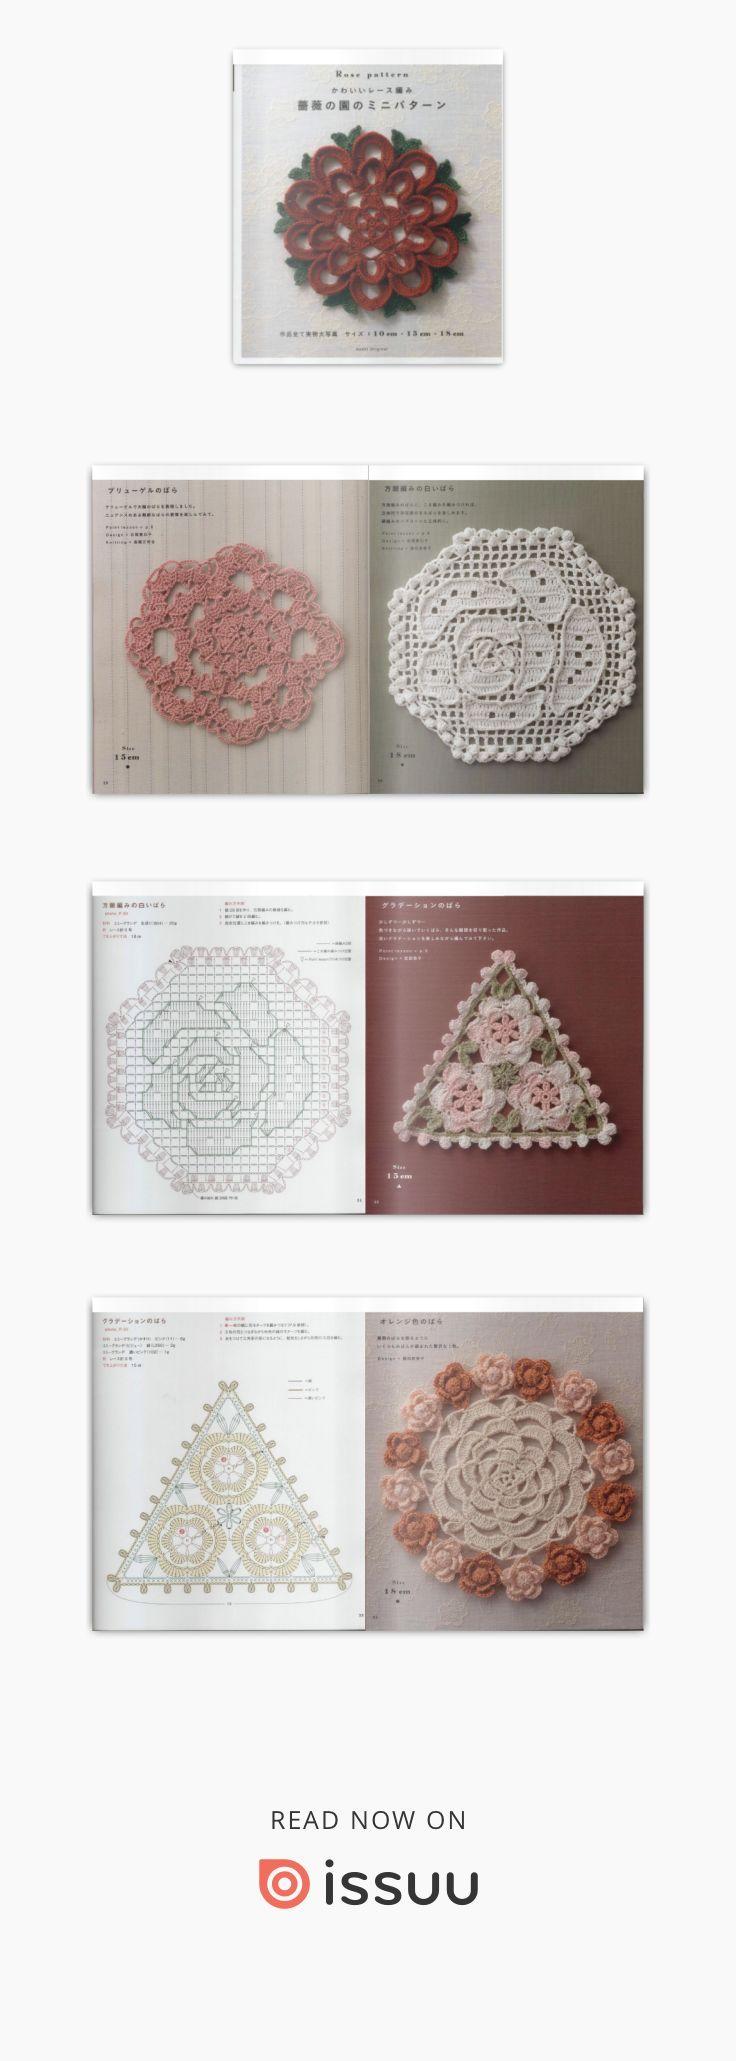 49 best 꽃 images on Pinterest | Crocheted flowers, Crochet flower ...